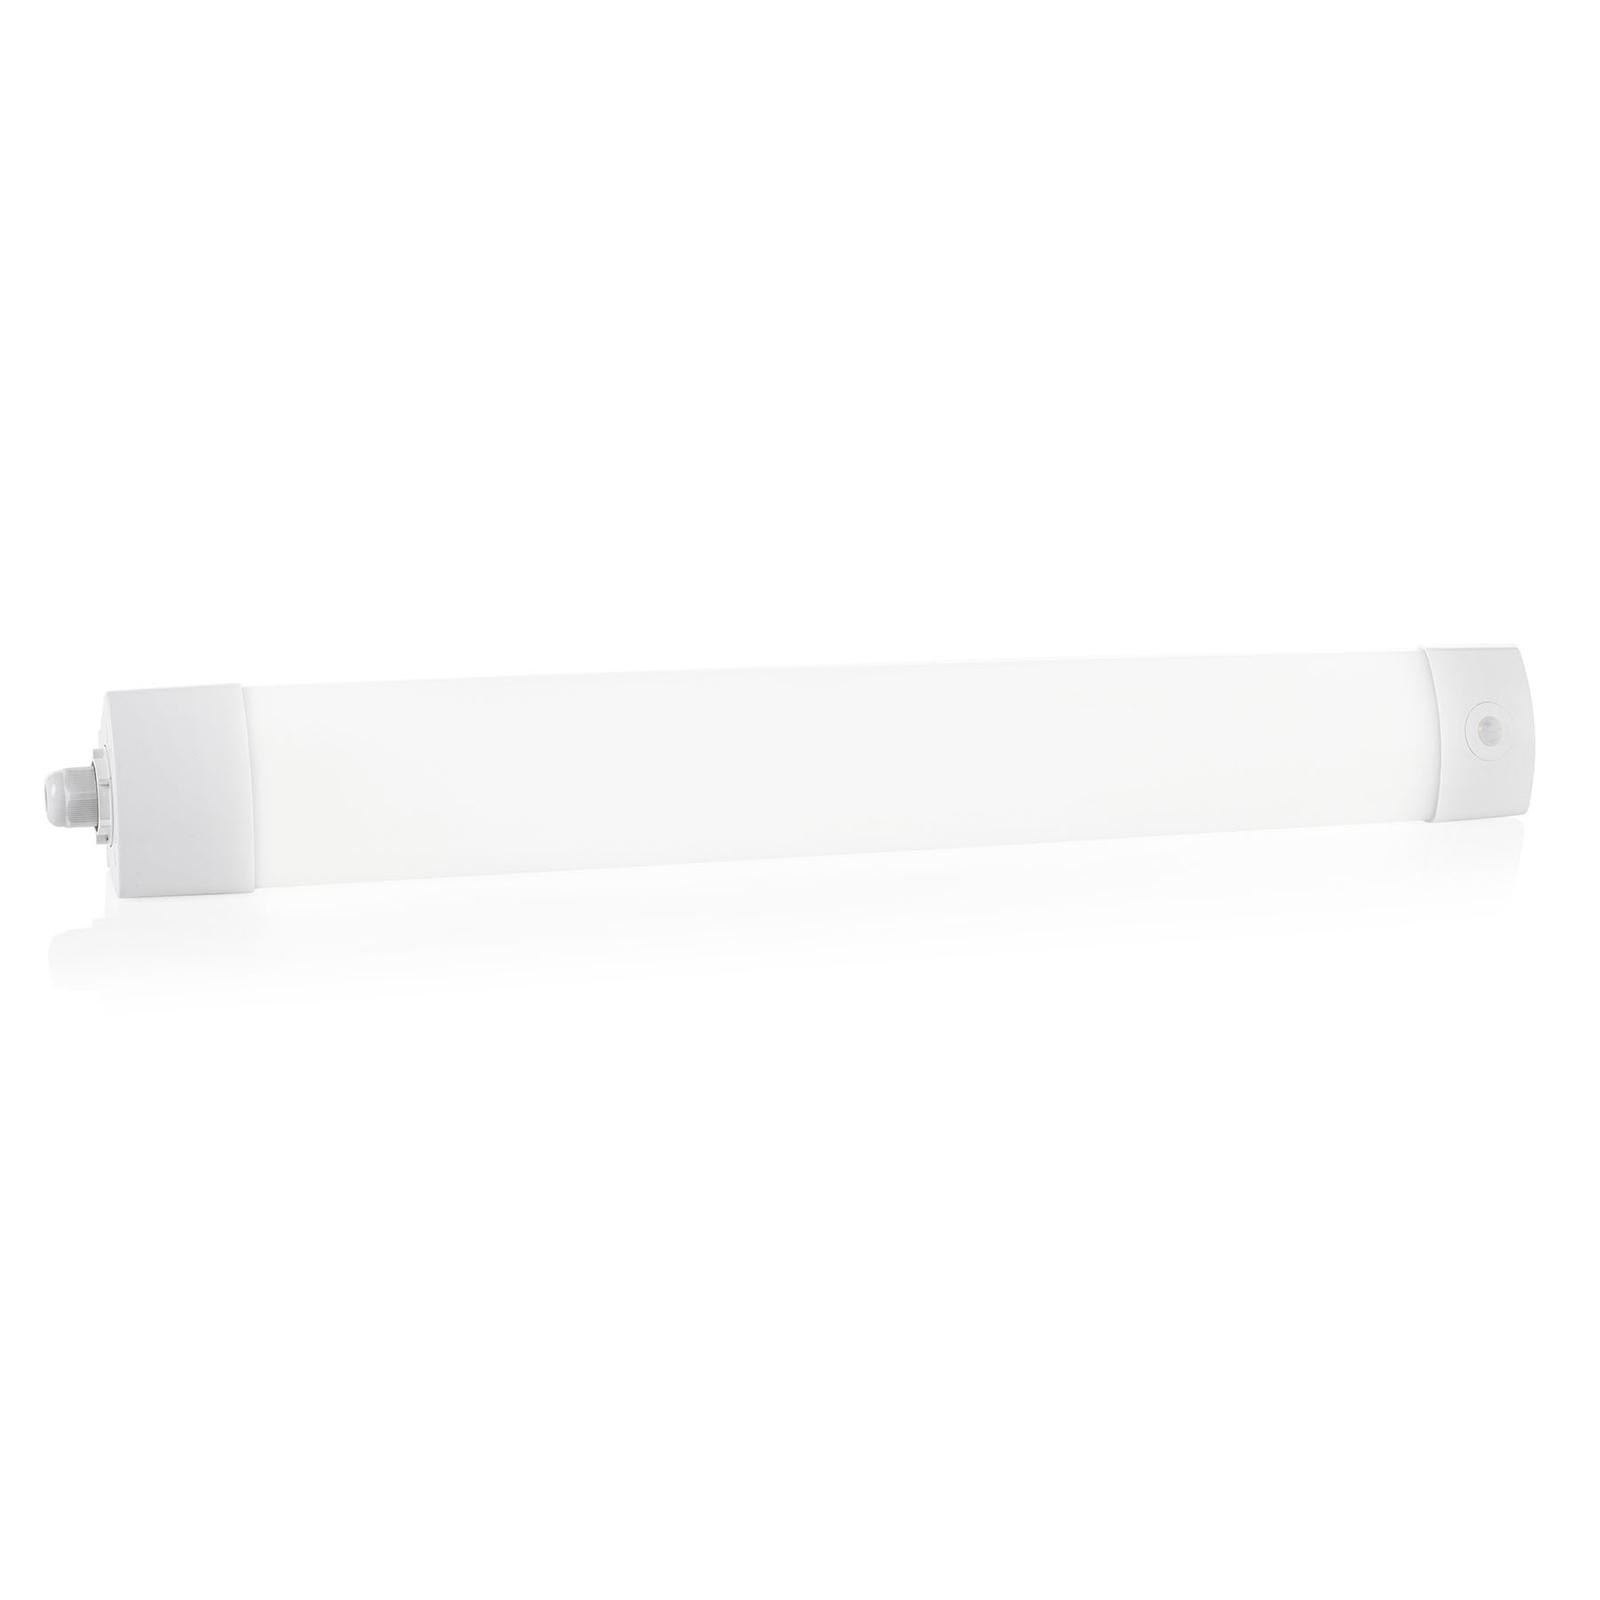 LED-taklampa IFL-70000 med rörelsesensor